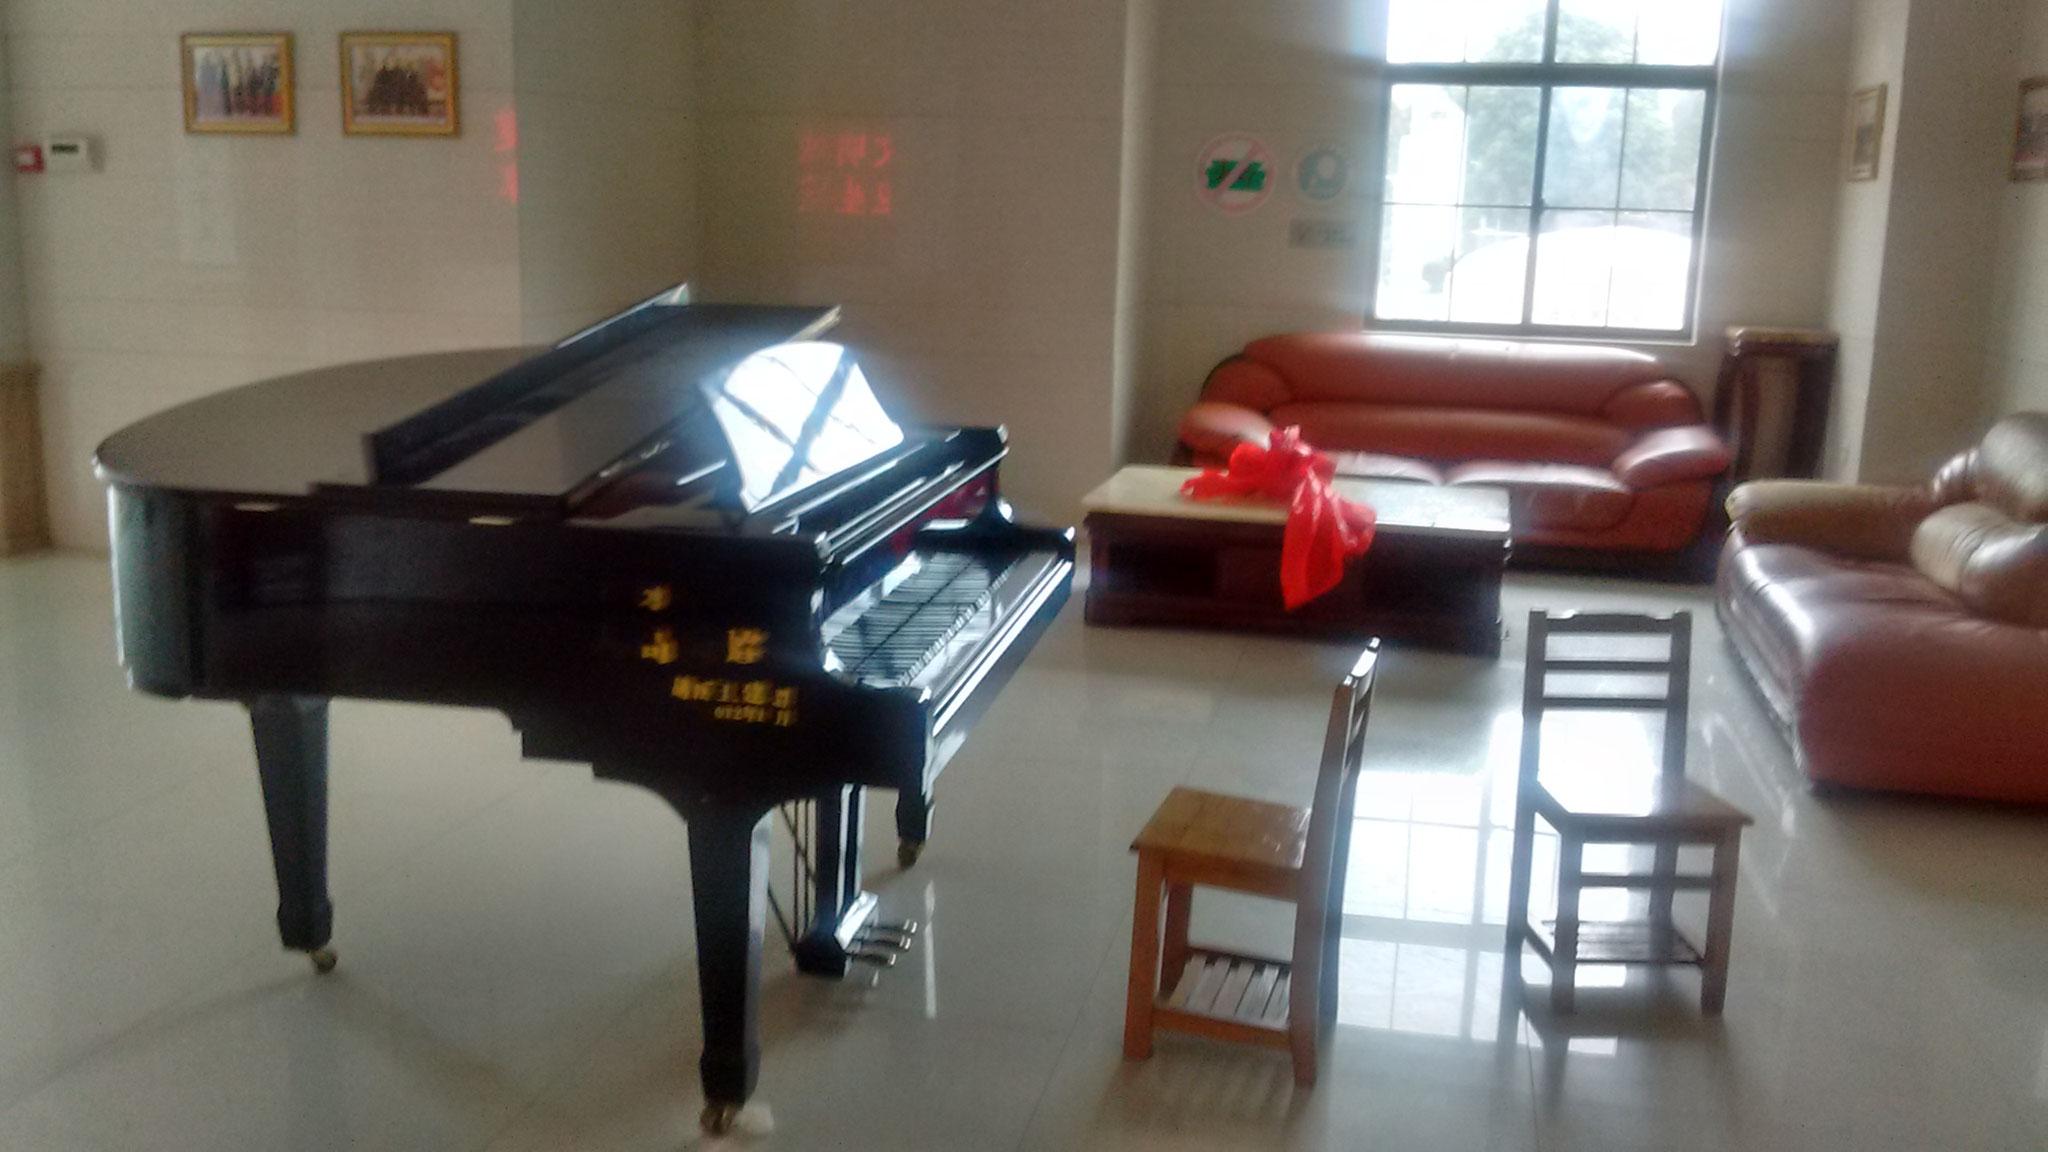 Klavier statt Mittagspause im Eingangsbereich.